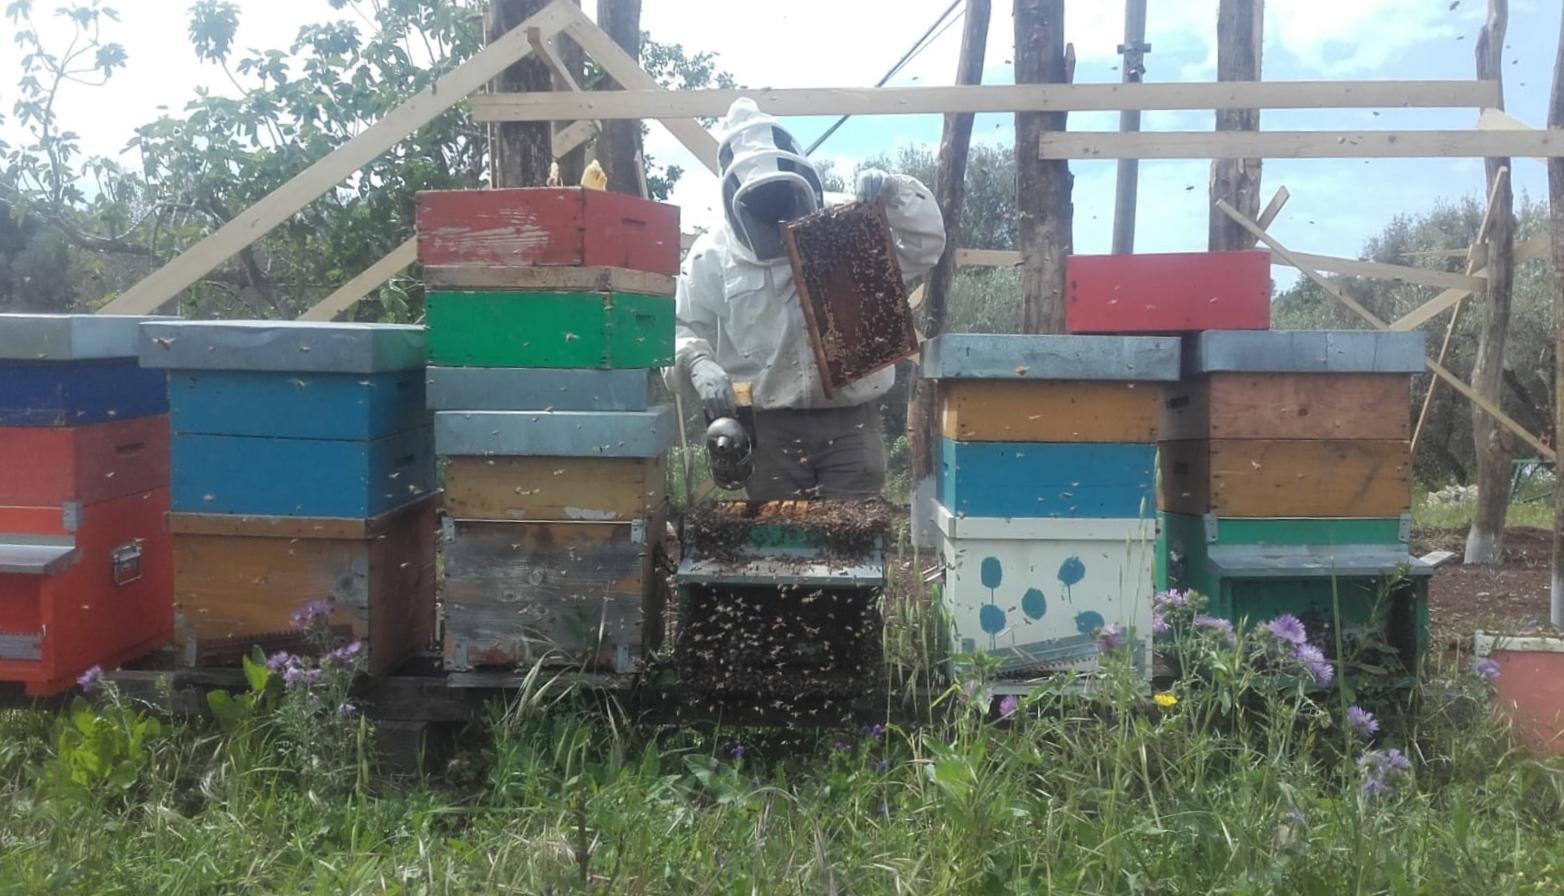 Quando la salvezza si chiama miele. Con MEDU e il progetto Terragiusta 5 nuovi apicoltori dalla tendopoli di Rosarno sul modello di Bee My Job